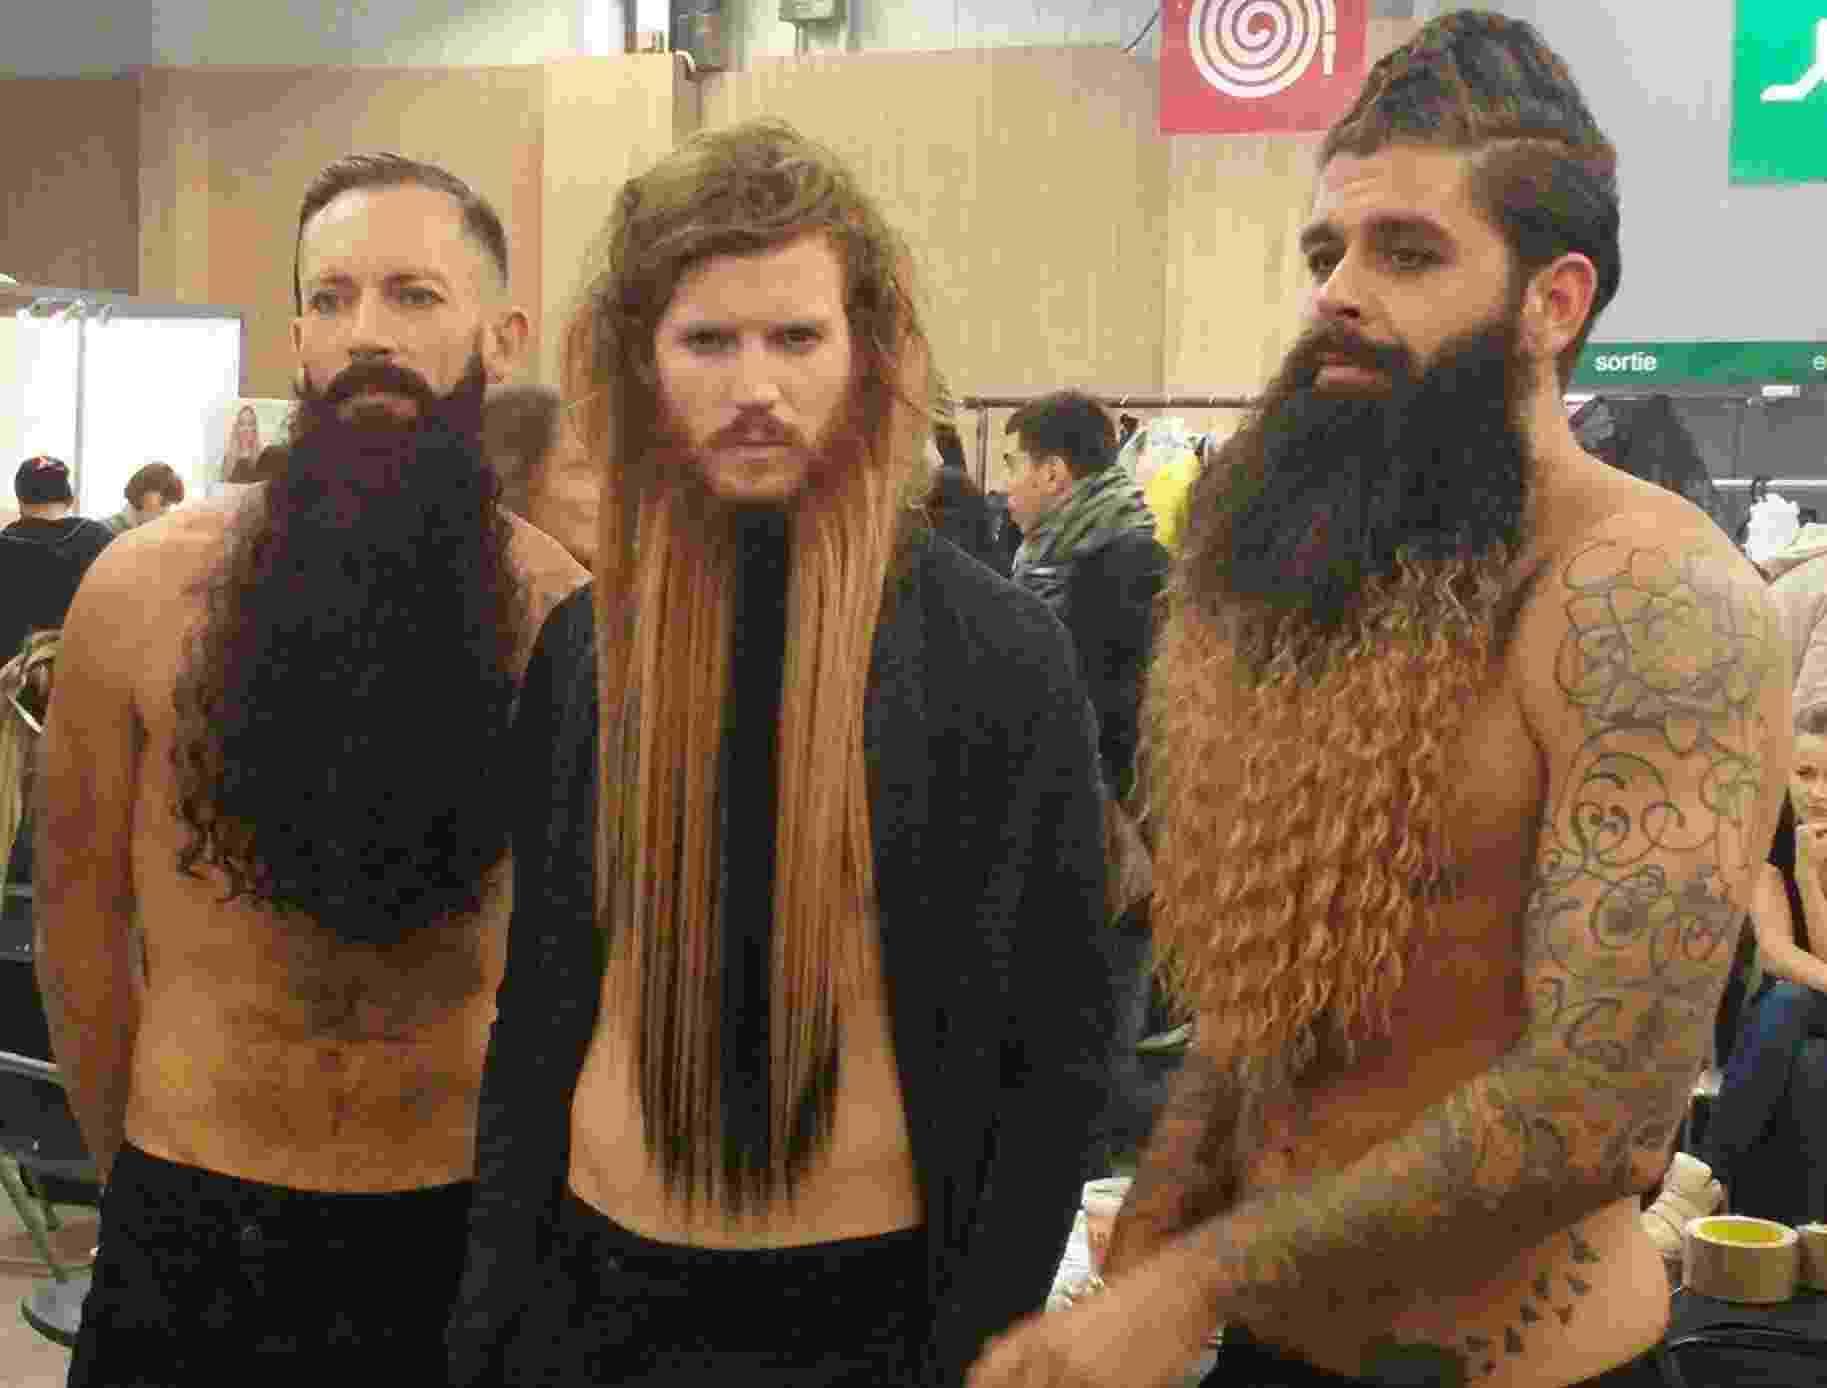 Barbas estranhas - Reprodução/Facebook/Biblond